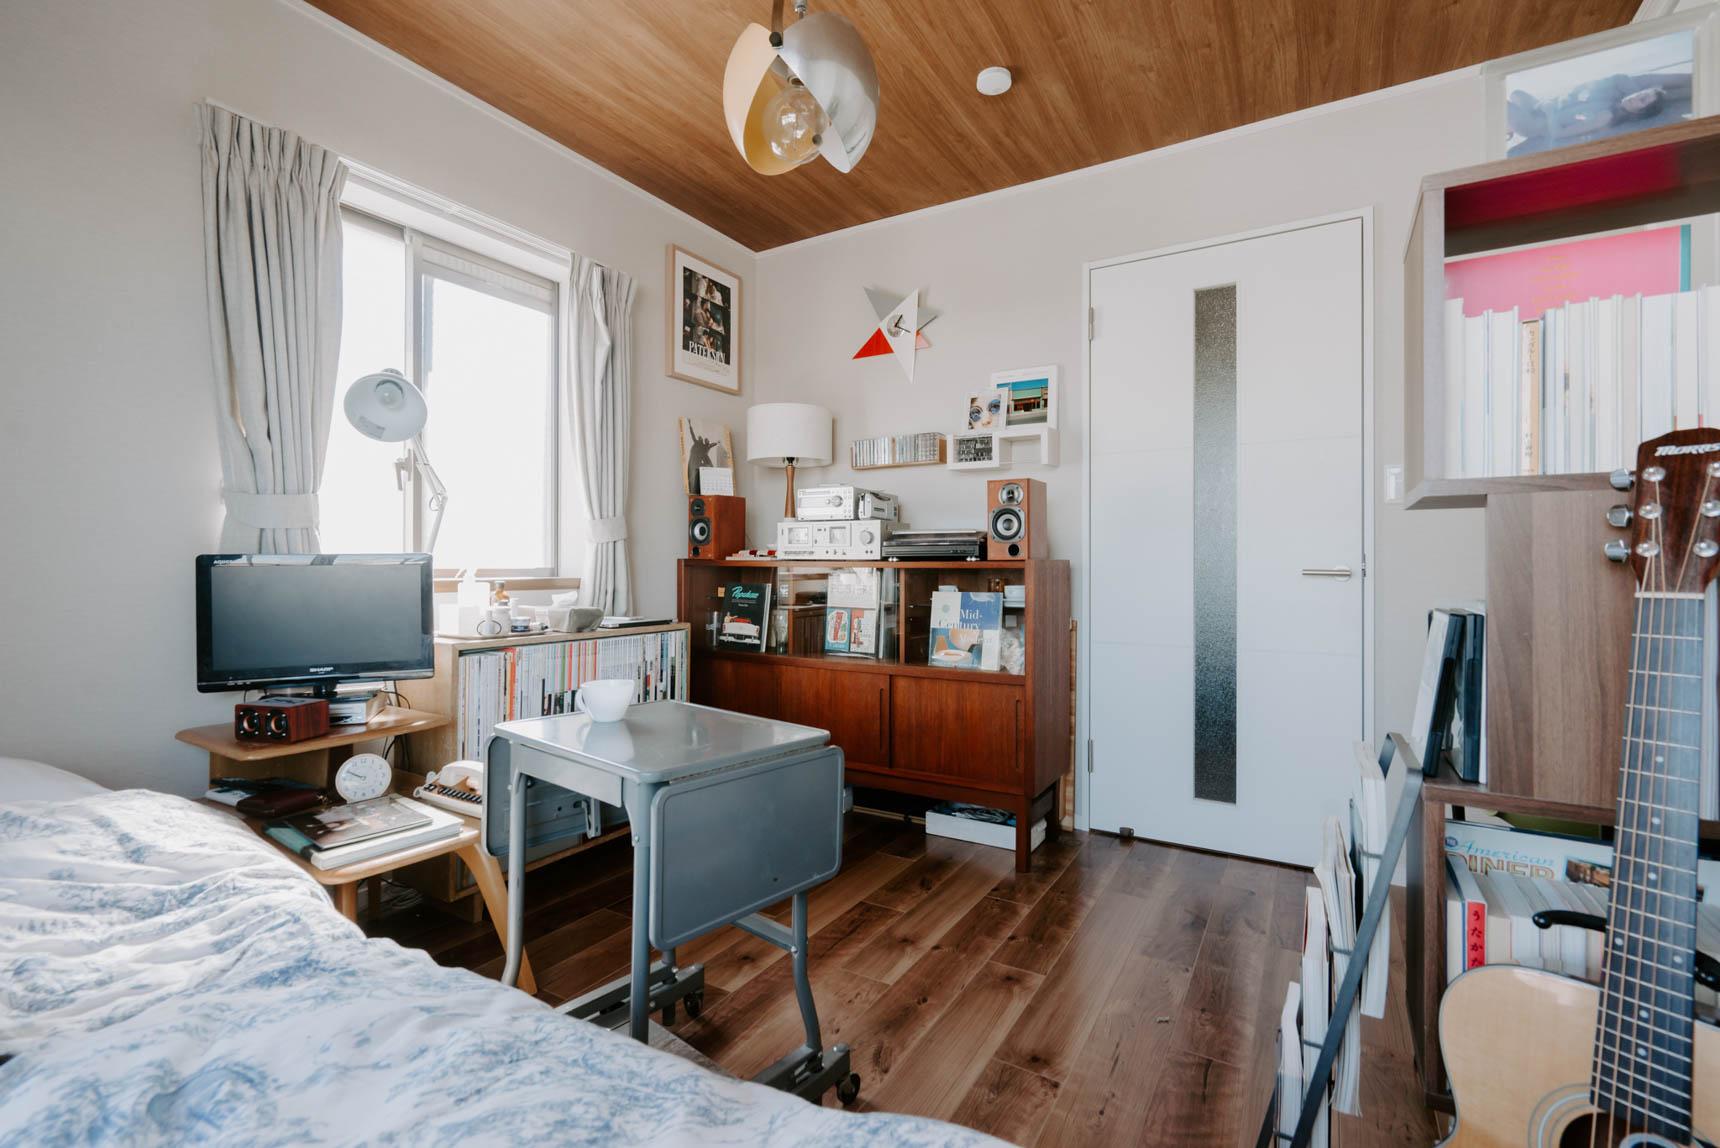 床と合わせて、天井もシックな木目調のワンルーム。それに合わせて、棚やサイドテーブルも少し濃い木目のものが揃っています。